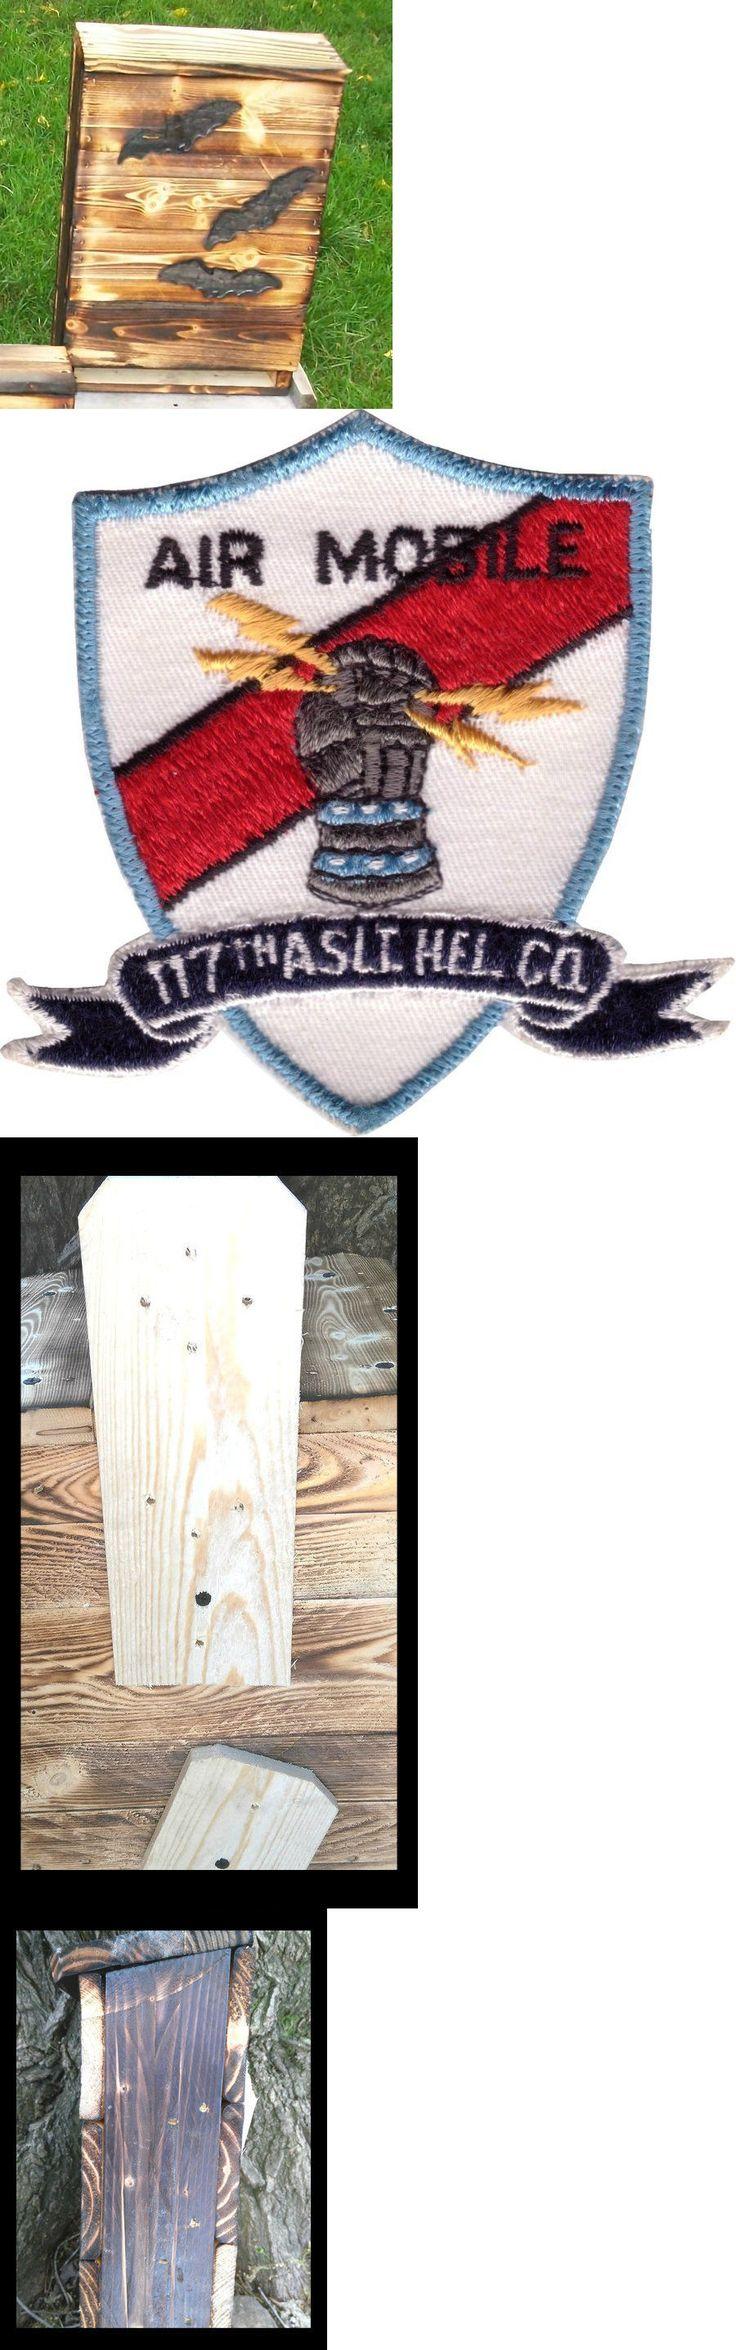 Bat house plans woodwork city free woodworking plans - Soil And Soil Amendments 159406 4 Large Bat House Bat Box